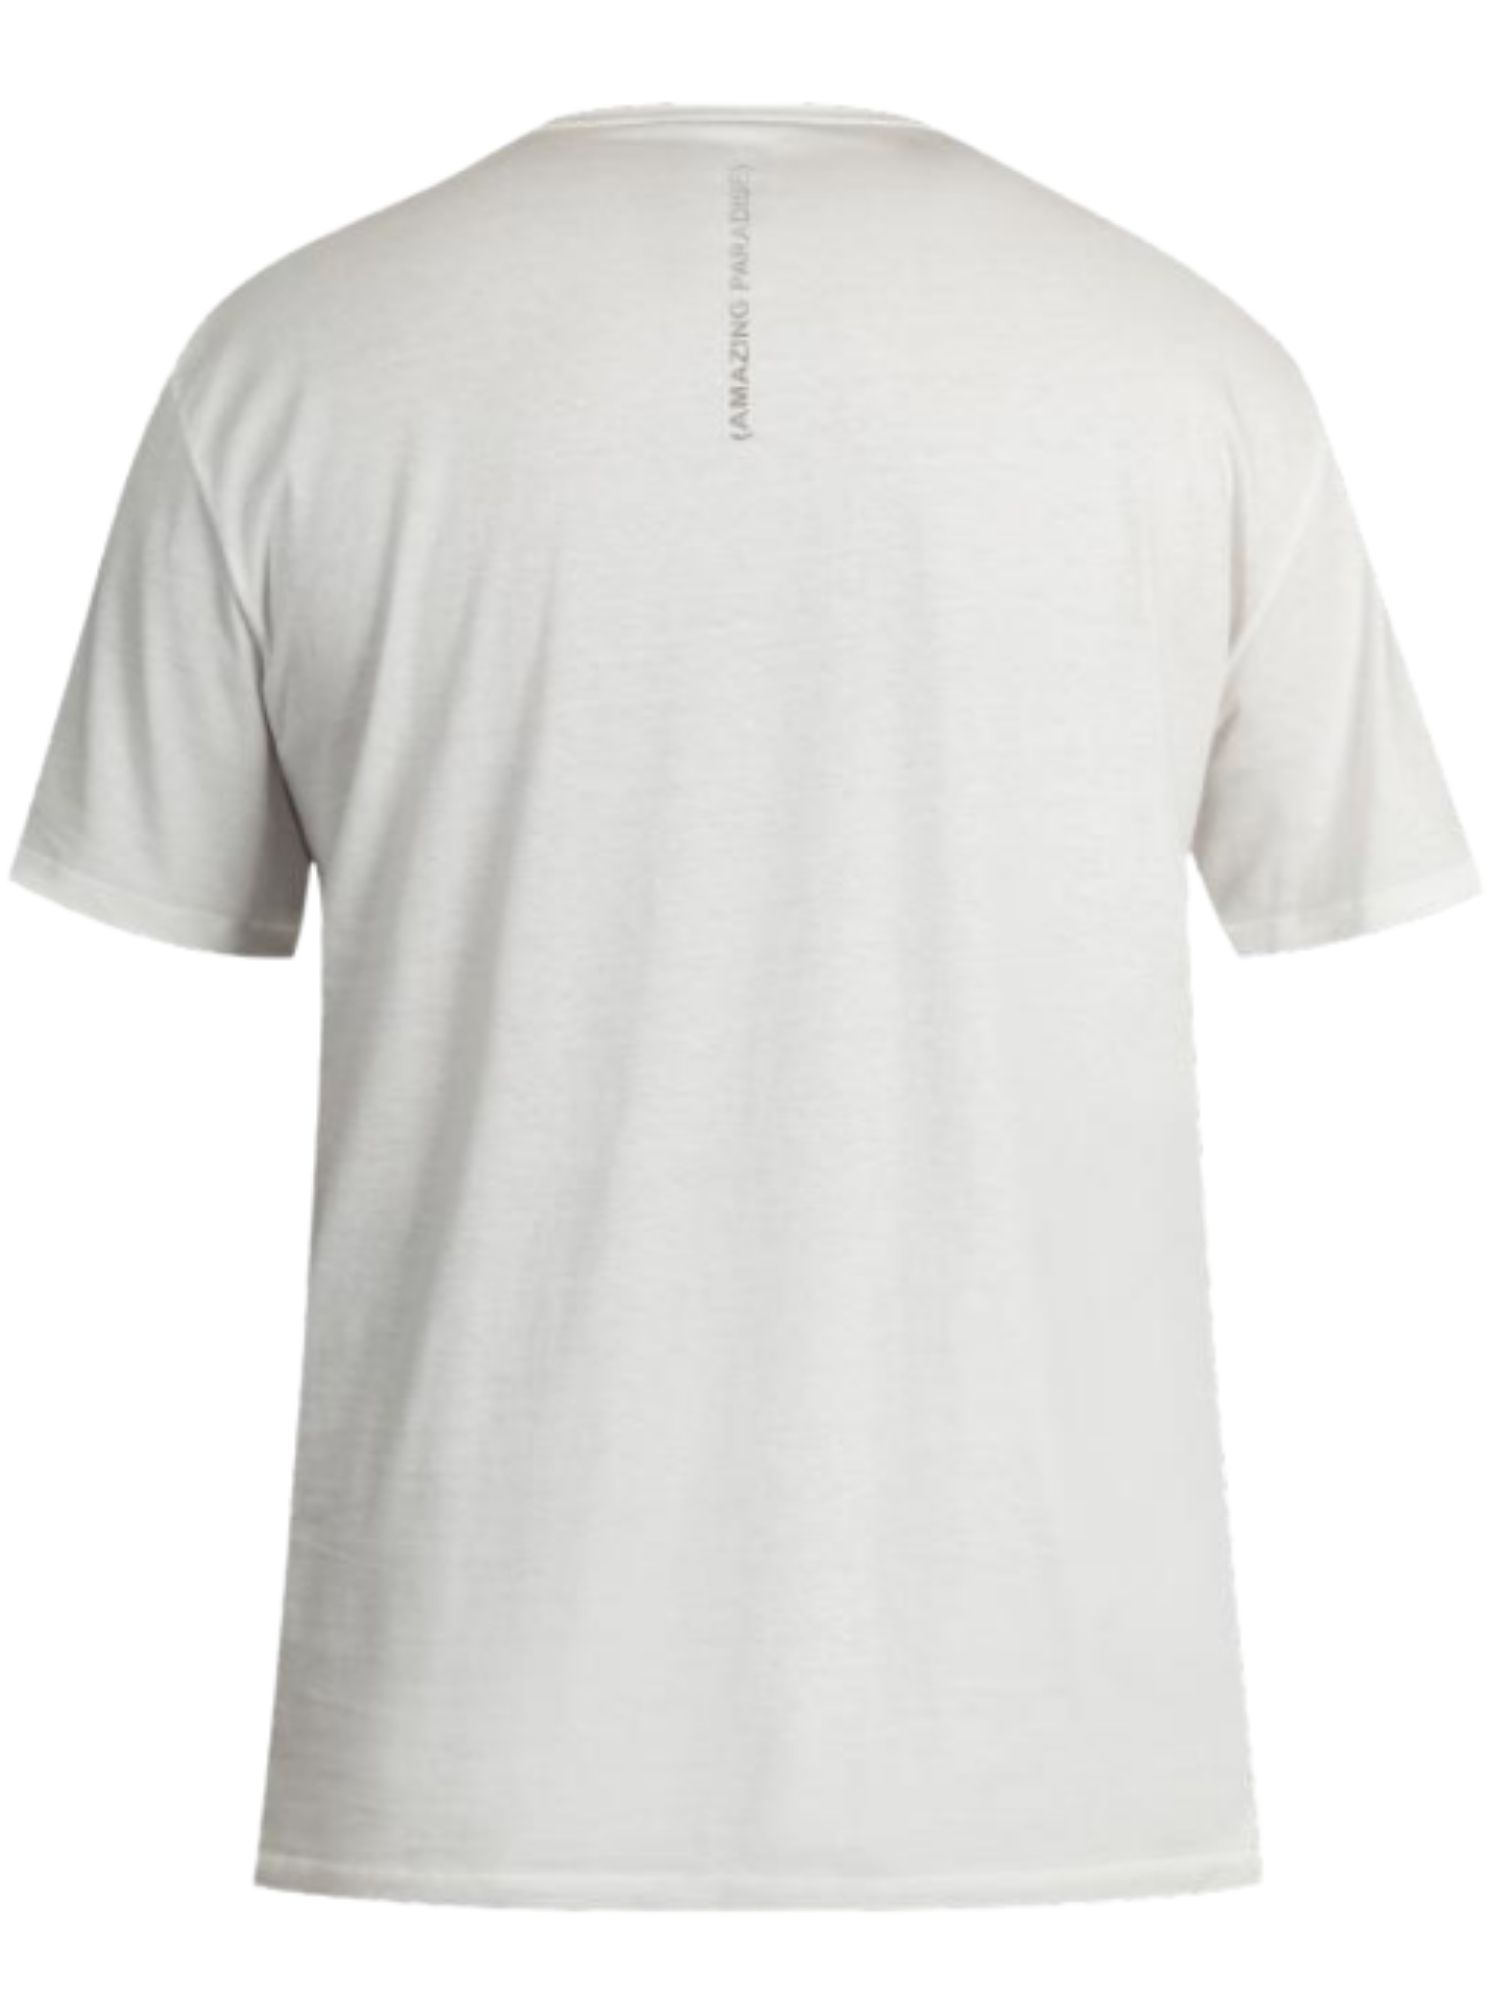 Camiseta Plus Size Estampada Kohmar  214183